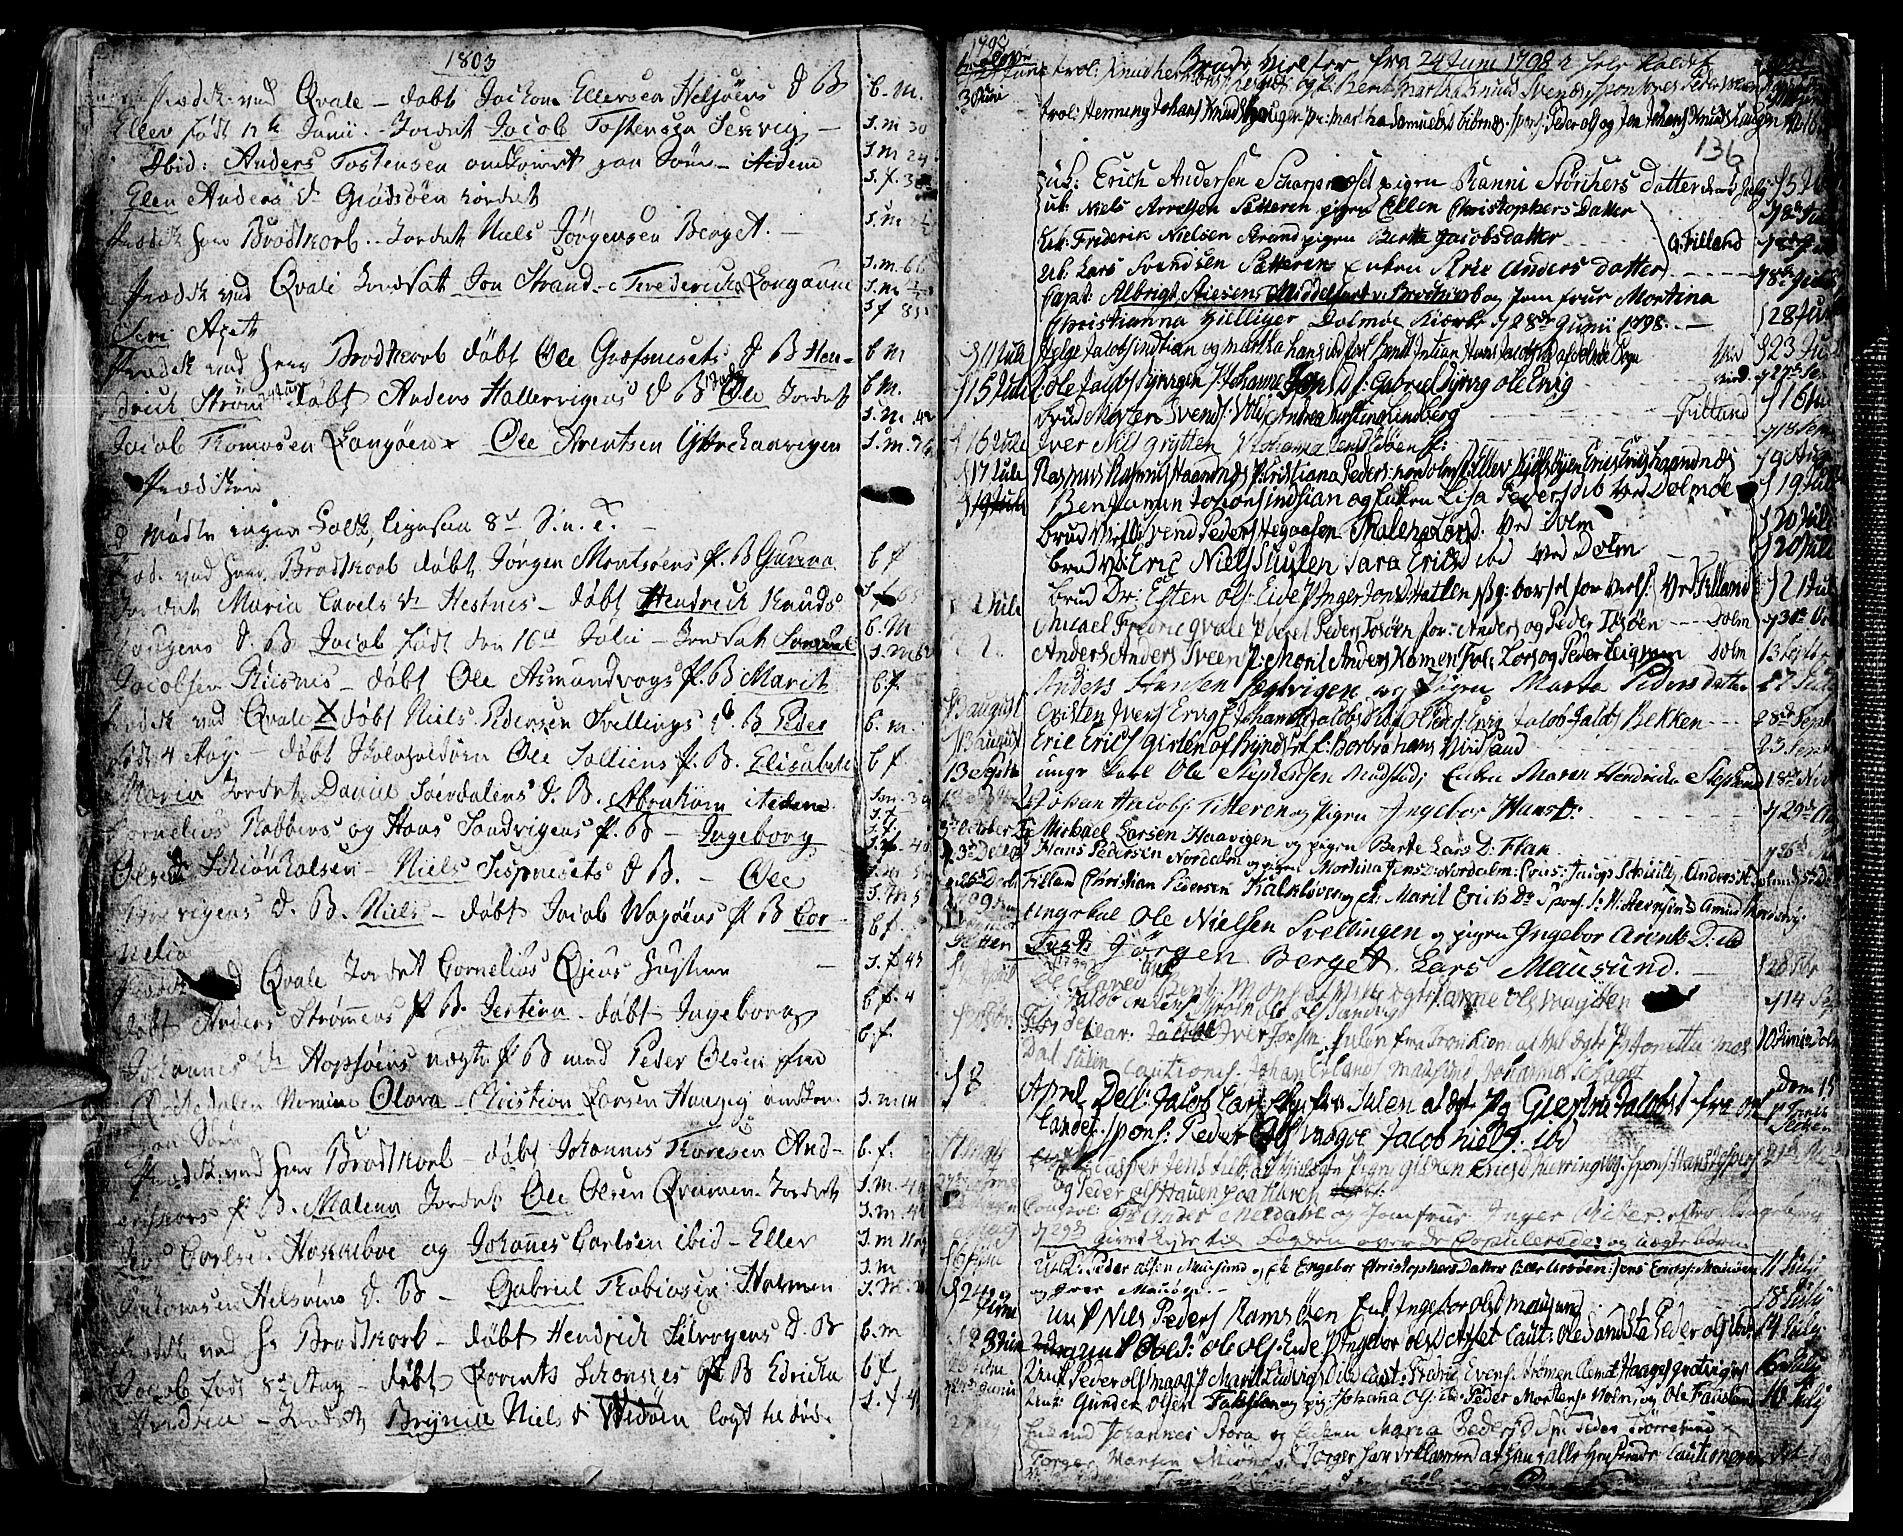 SAT, Ministerialprotokoller, klokkerbøker og fødselsregistre - Sør-Trøndelag, 634/L0526: Ministerialbok nr. 634A02, 1775-1818, s. 136